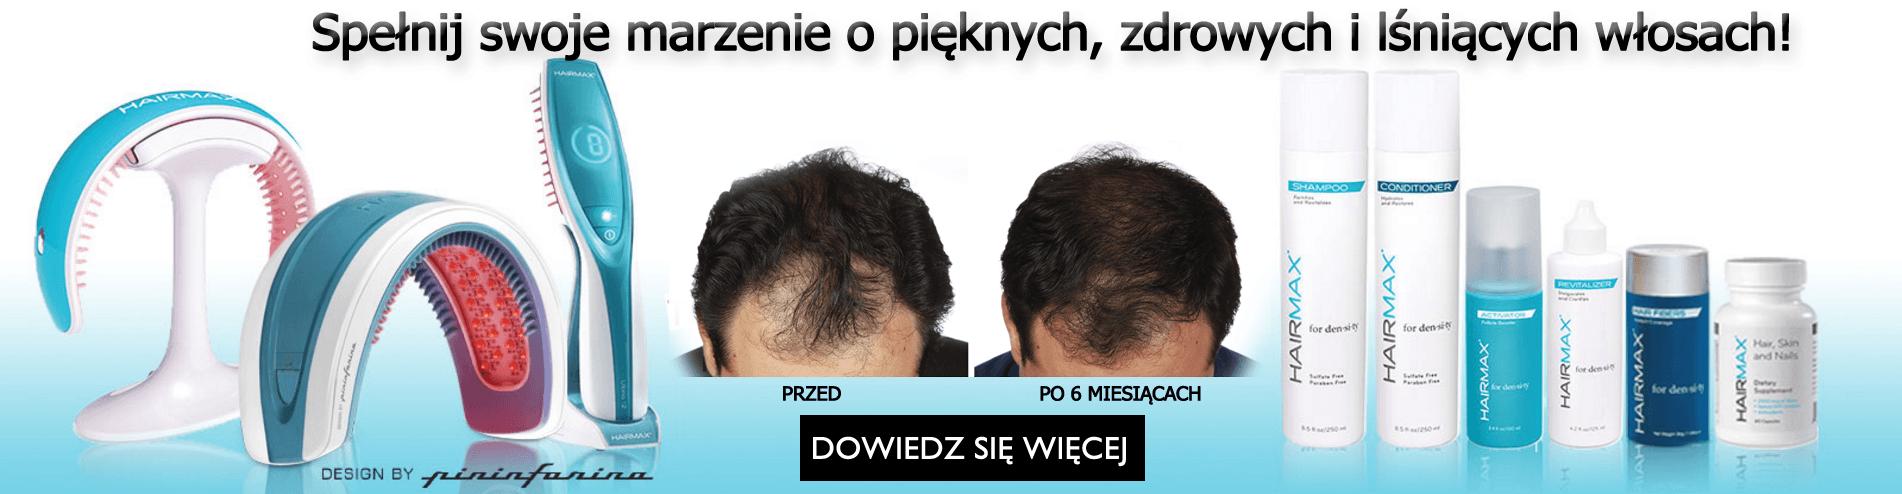 przeszczep włosów bielsko, leczenie łysienia śląsk